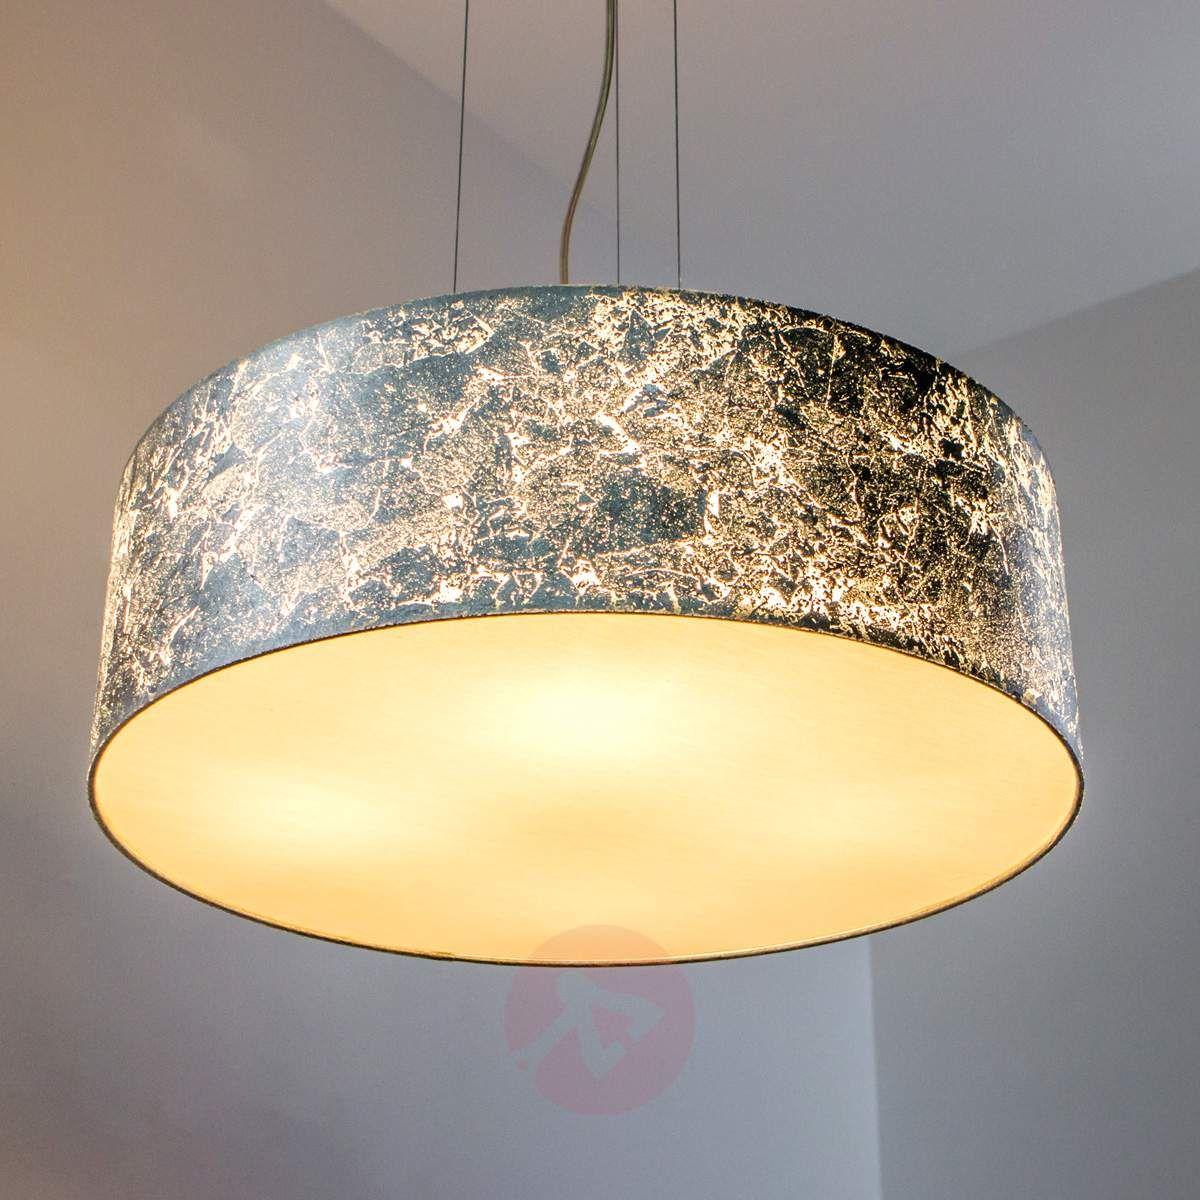 Lampa Wisząca Aura Ze Srebrnym Kloszem W 2019 Lampy